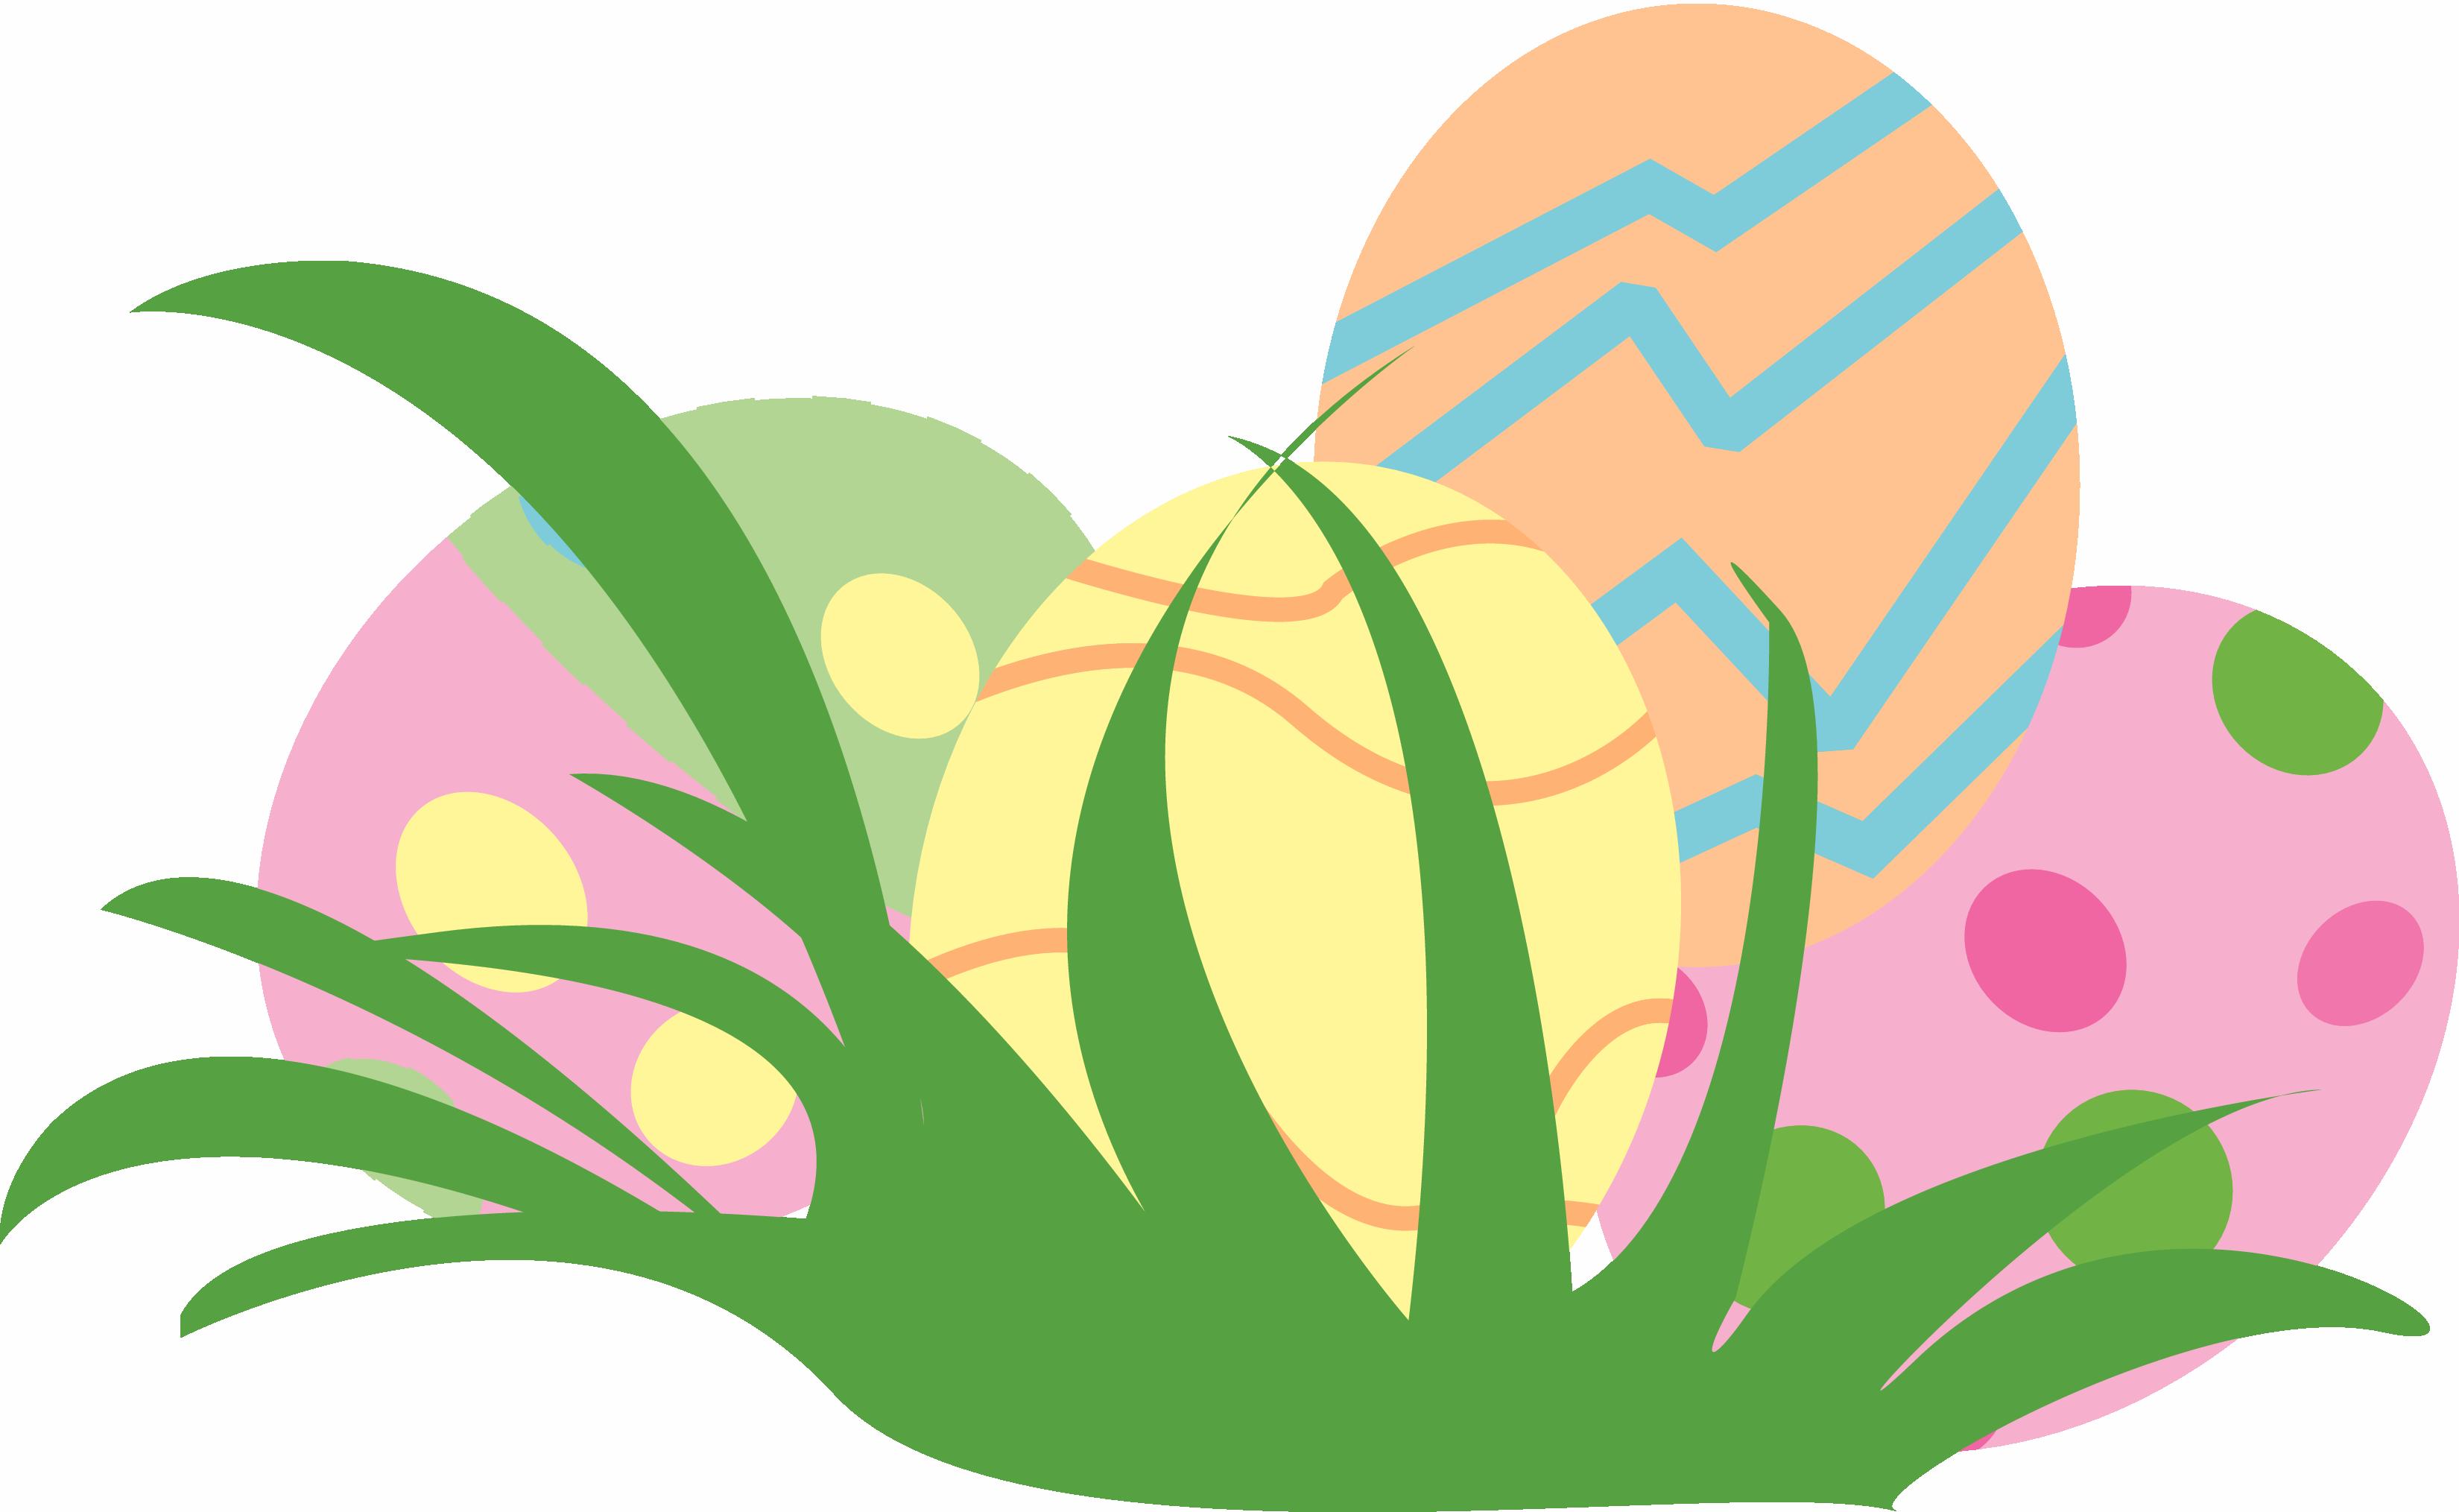 Free Clipart Images, Art Clipart, Egg Hunt, Easter Eggs, Nest, Clip Art,  Illustrations